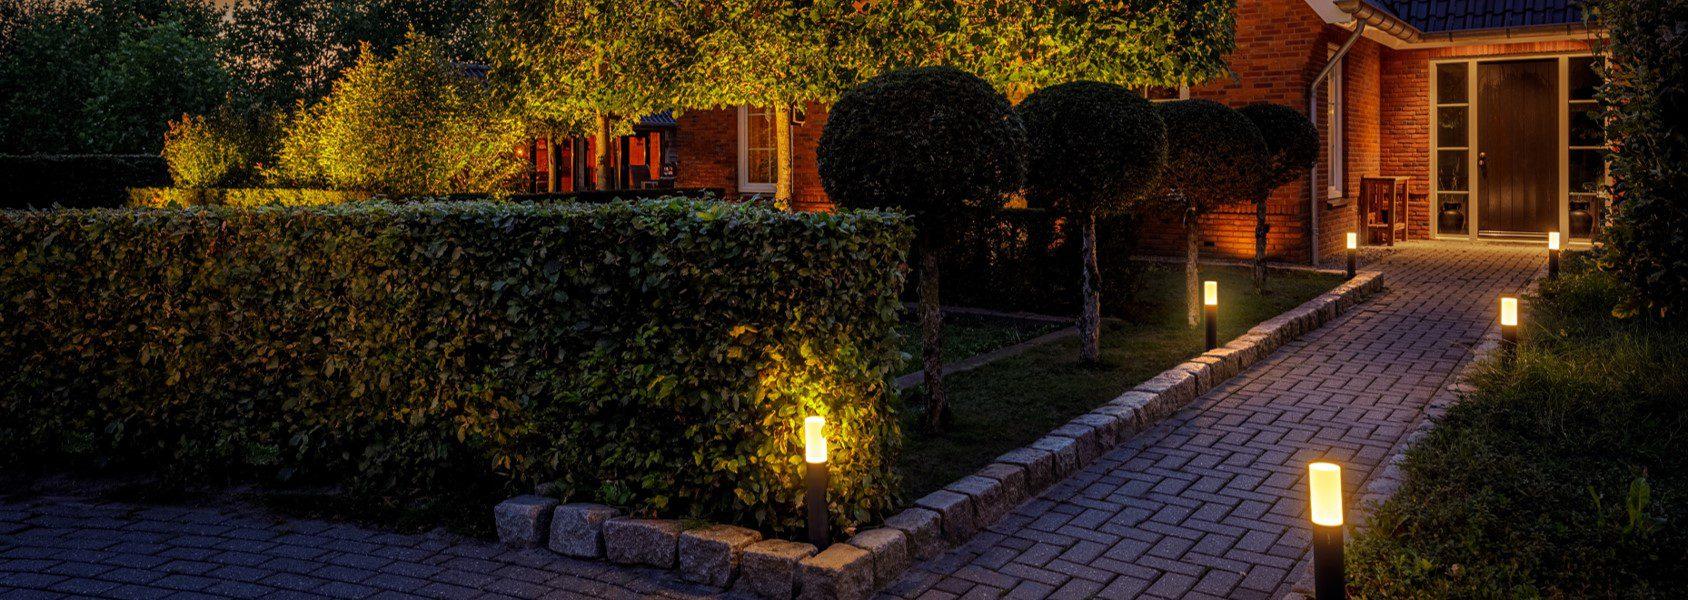 buitenverlichting lightpro tuinverlichting verlichting tuin light pro